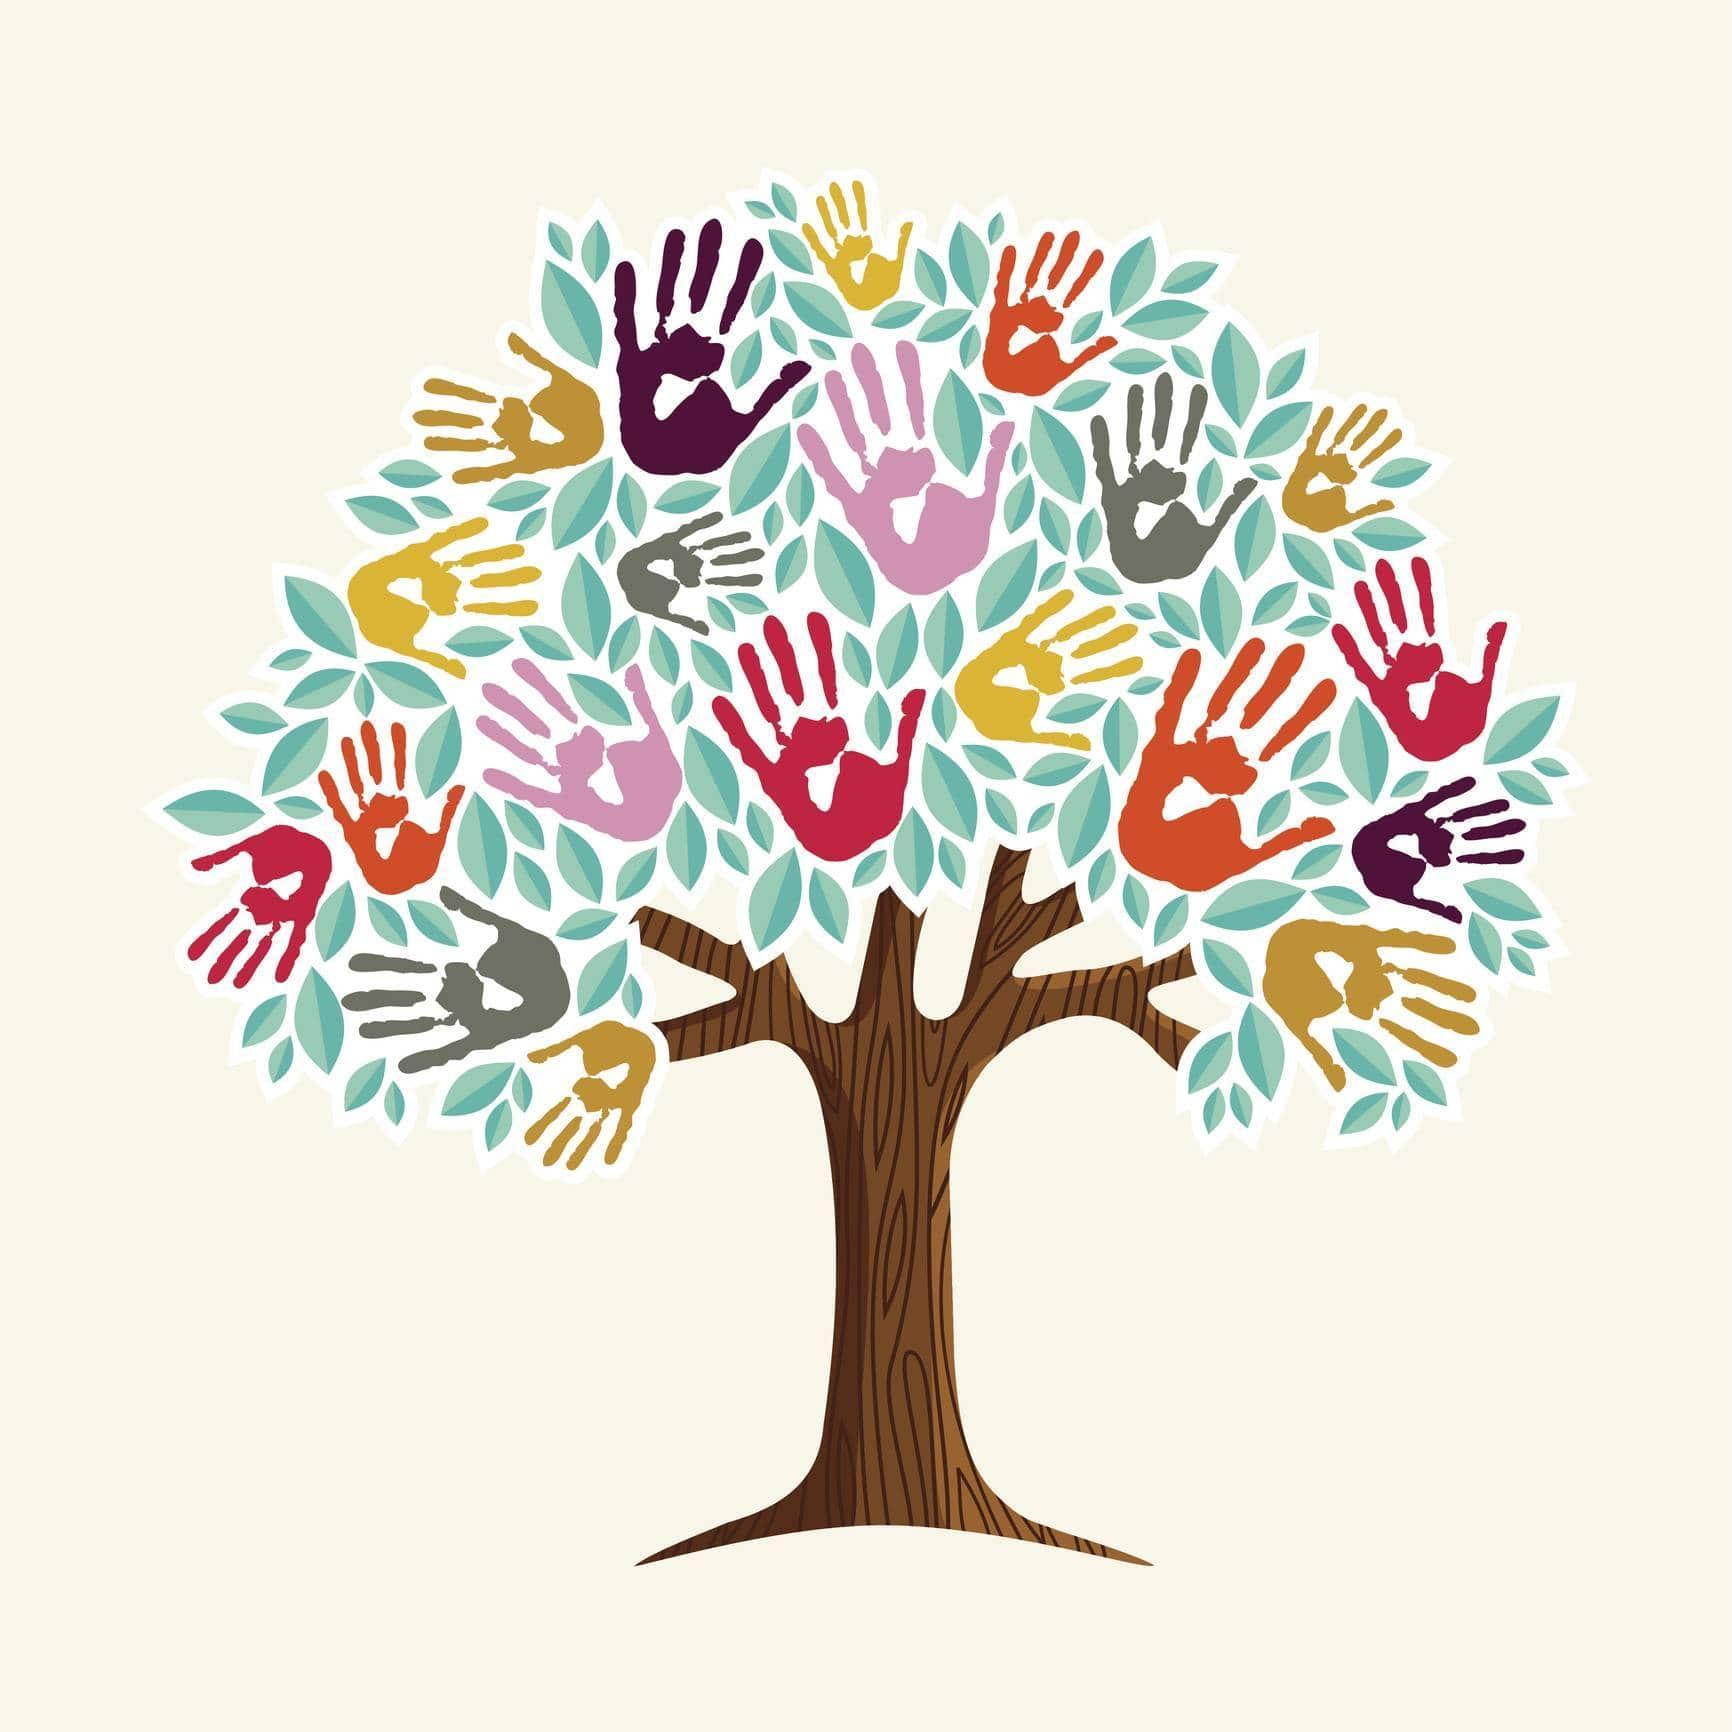 media representer empreintes famille - Un arbre à empreintes pour représenter la famille